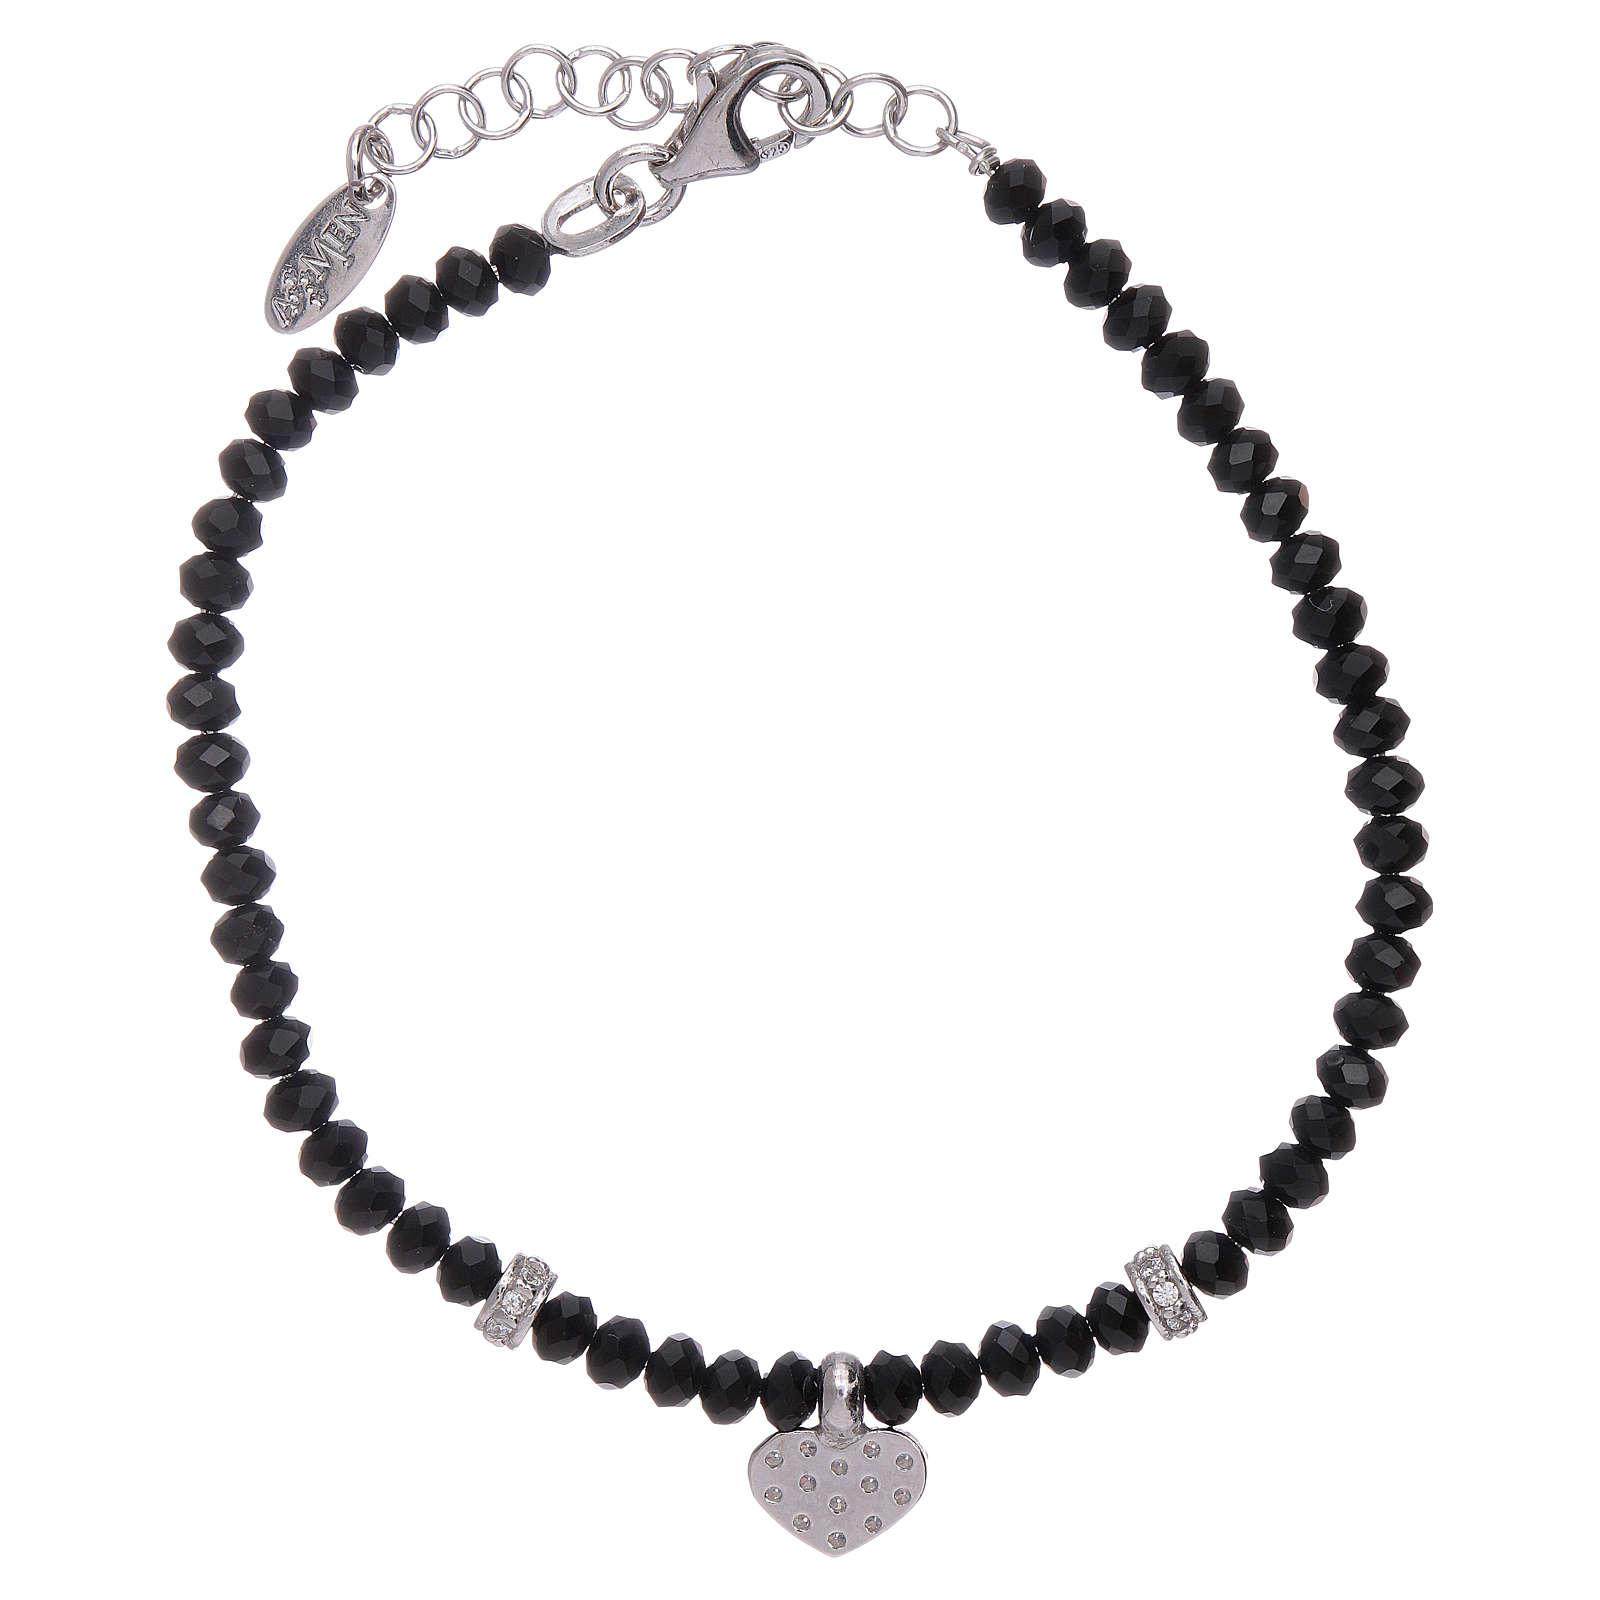 Bracciale Amen cuore zirconato argento 925 rodiato e cristalli 4